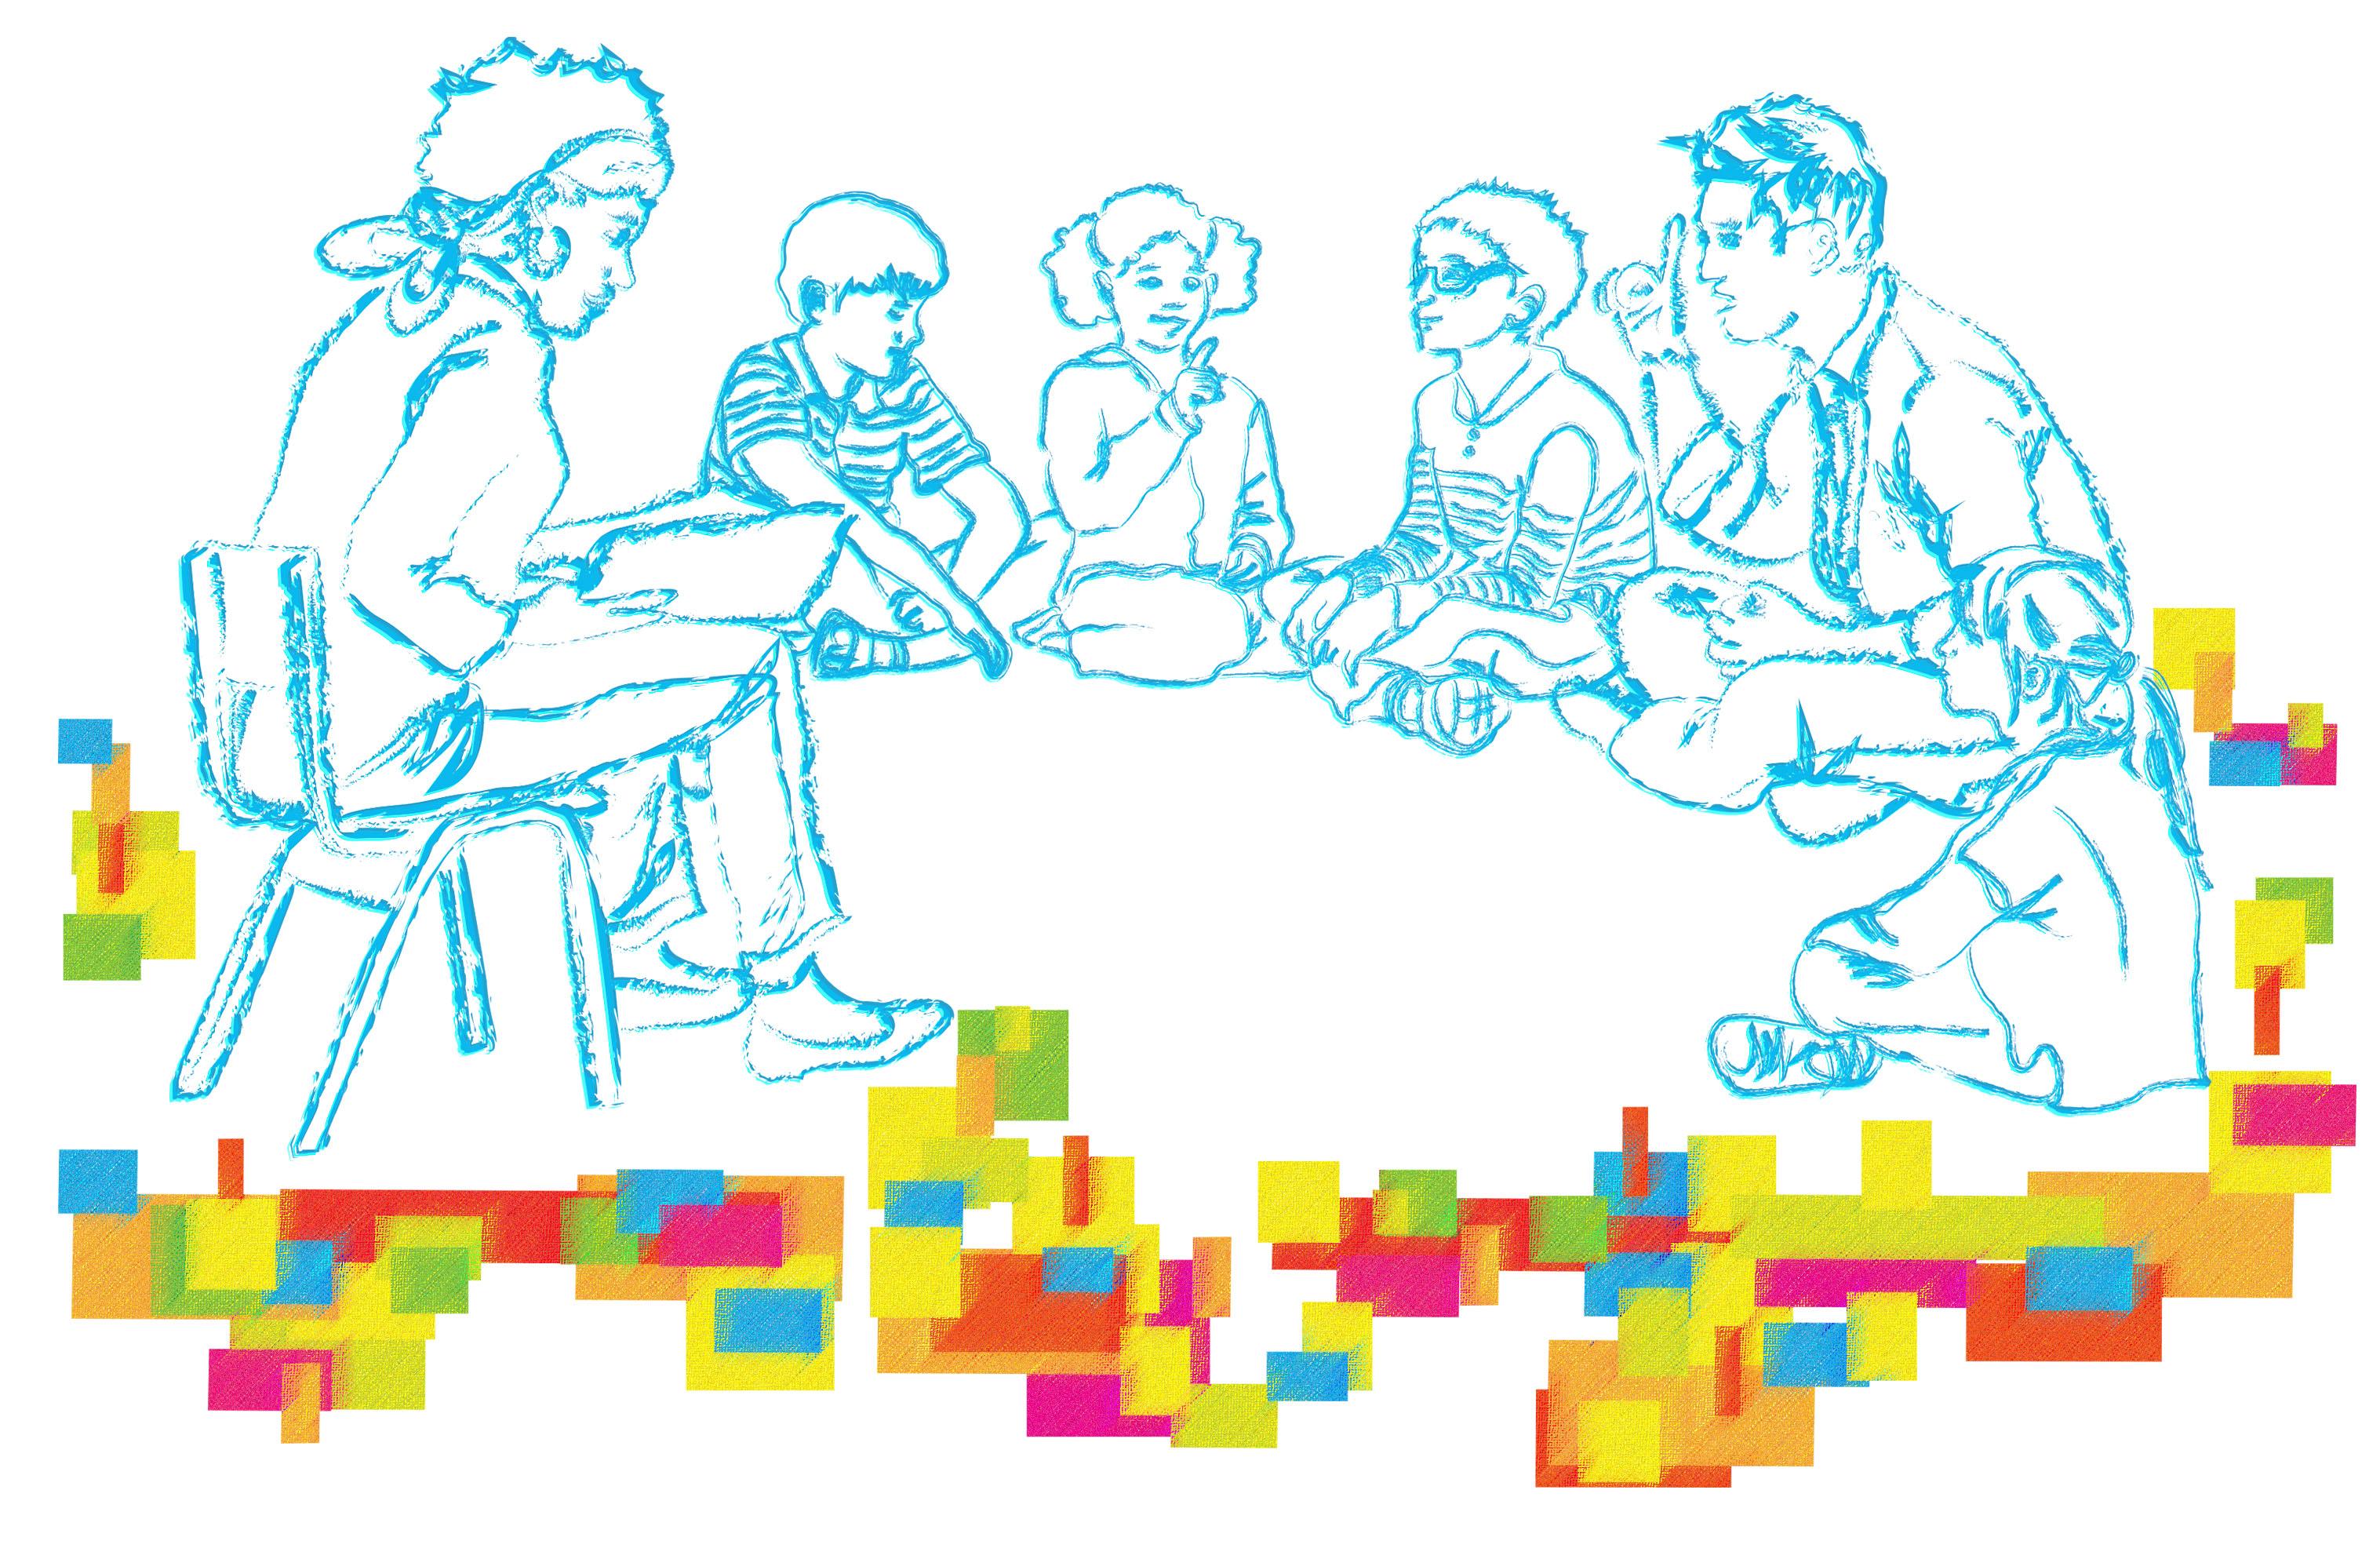 À direita e ao centro, uma ilustração com delicados traços azuis mostra uma jovem sentada em uma cadeira. Ela tem os cabelos curtos e uma faixa no cabelo, em seu colo está um livro aberto e ela parece ler. À frente dela estão quatro crianças, sentadas no chão em um semicírculo. Um menino de cabelos lisos e camiseta listrada olha para a menina sentada à sua esquerda. A menina tem os cabelos crespos presos em duas chuquinhas e eleva o dedo indicador da mão direita. À esquerda dela está um menino de óculos e camiseta também listrada; ele olha atentamente para a jovem lendo o livro. Ao lado esquerdo dele está um rapaz, ele é o intérprete de libras, está com o indicador direito erguido e com a boca aberta como se estivesse falando, tem o cabelo arrepiado e é mais alto que os demais. Finalizando a roda, uma menina de cabelos lisos e compridos, presos em um rabo de cavalo, observa atentamente a jovem que está lendo o livro. Abaixo do desenho, há um mosaico com várias formas quadriculadas e sobrepostas; estas formas são coloridas e têm diferentes tamanhos e disposições. Formam uma espécie de grafismo, que ocupa toda parte inferior do desenho e são coloridas em tons de amarelo, azul, vermelho, verde, roxo e laranja. No canto inferior direito, em letras pretas: Fundação Volkswagen e Mais Diferenças.